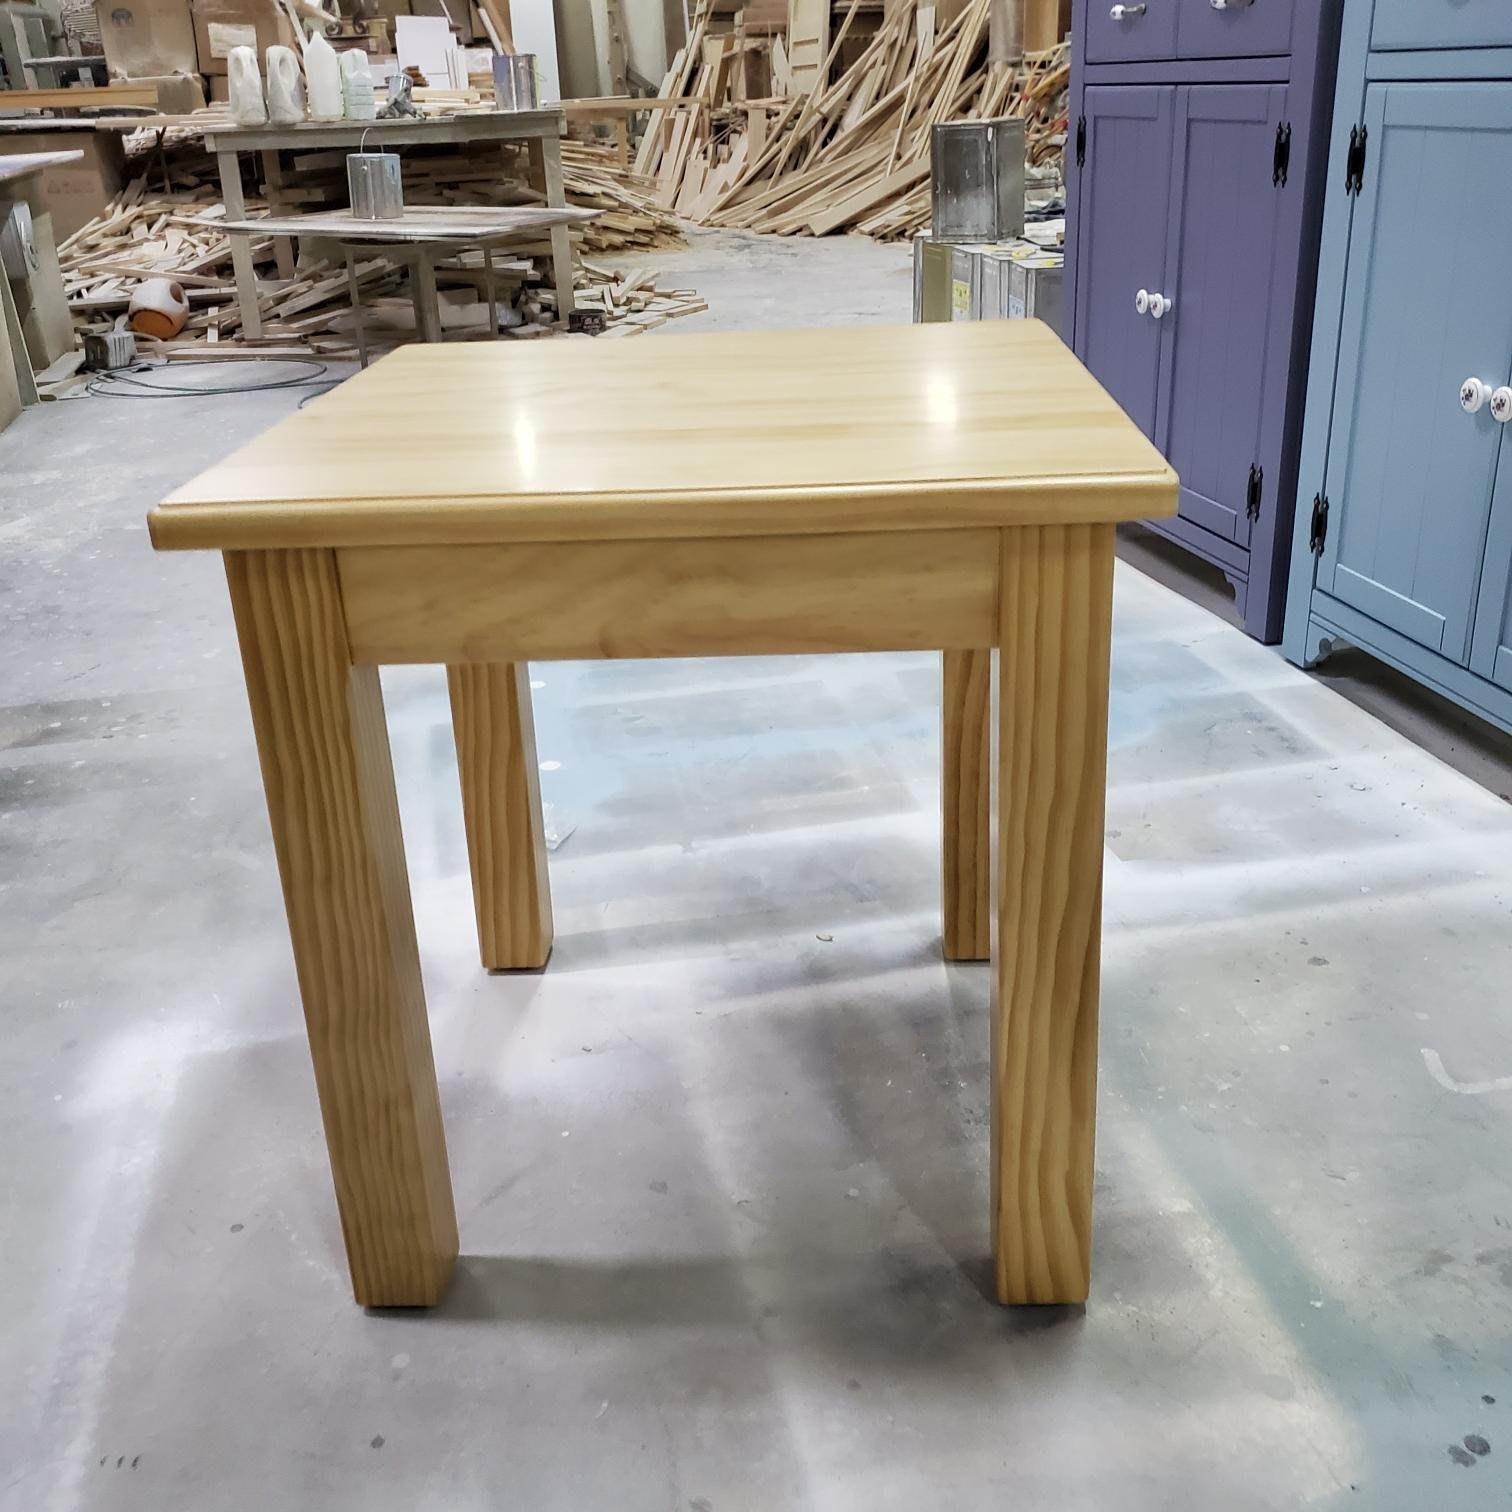 美生活館--訂製家具 全紐西蘭松木 原木色 正方桌 邊几 茶几 工作桌 也可修改尺寸顏色再報價